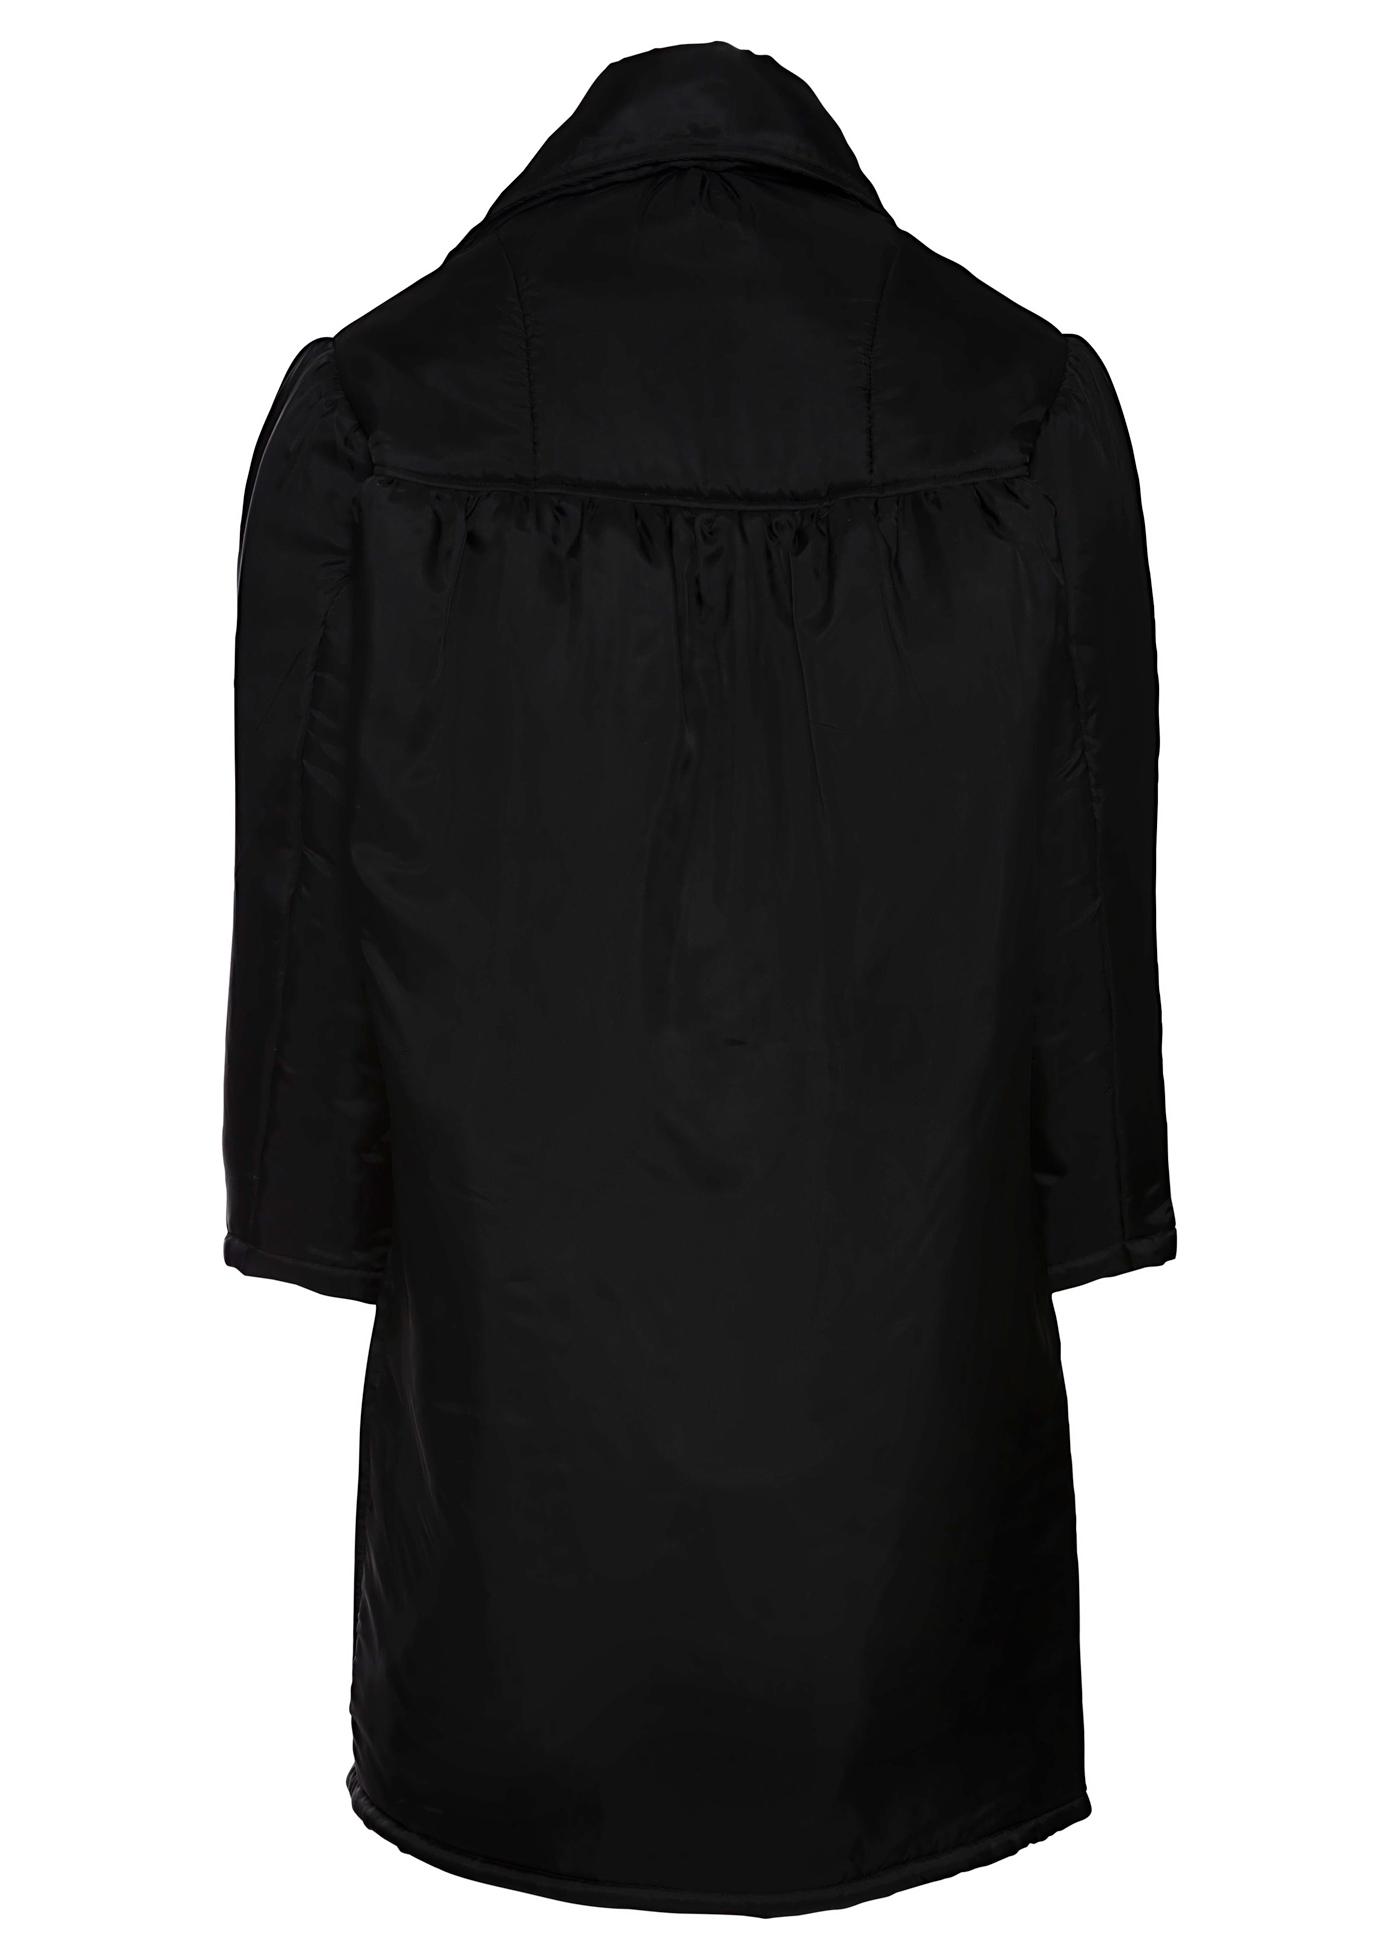 PRIEST COAT image number 1